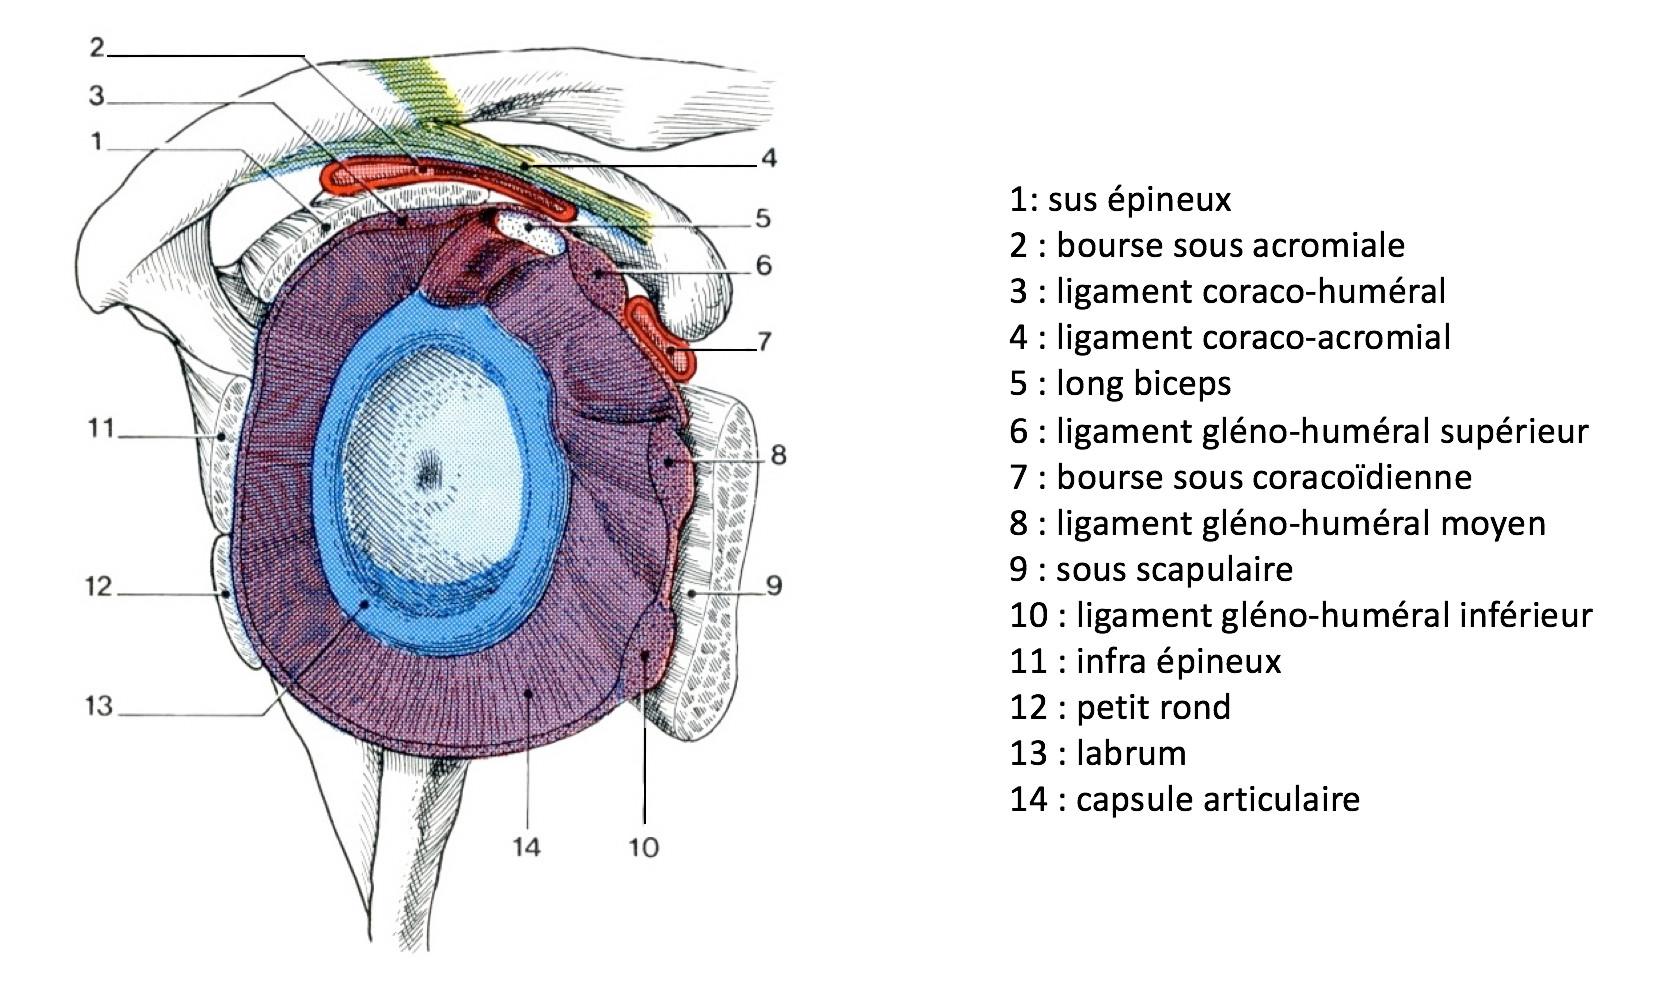 Capsule et ligaments glénohuméraux